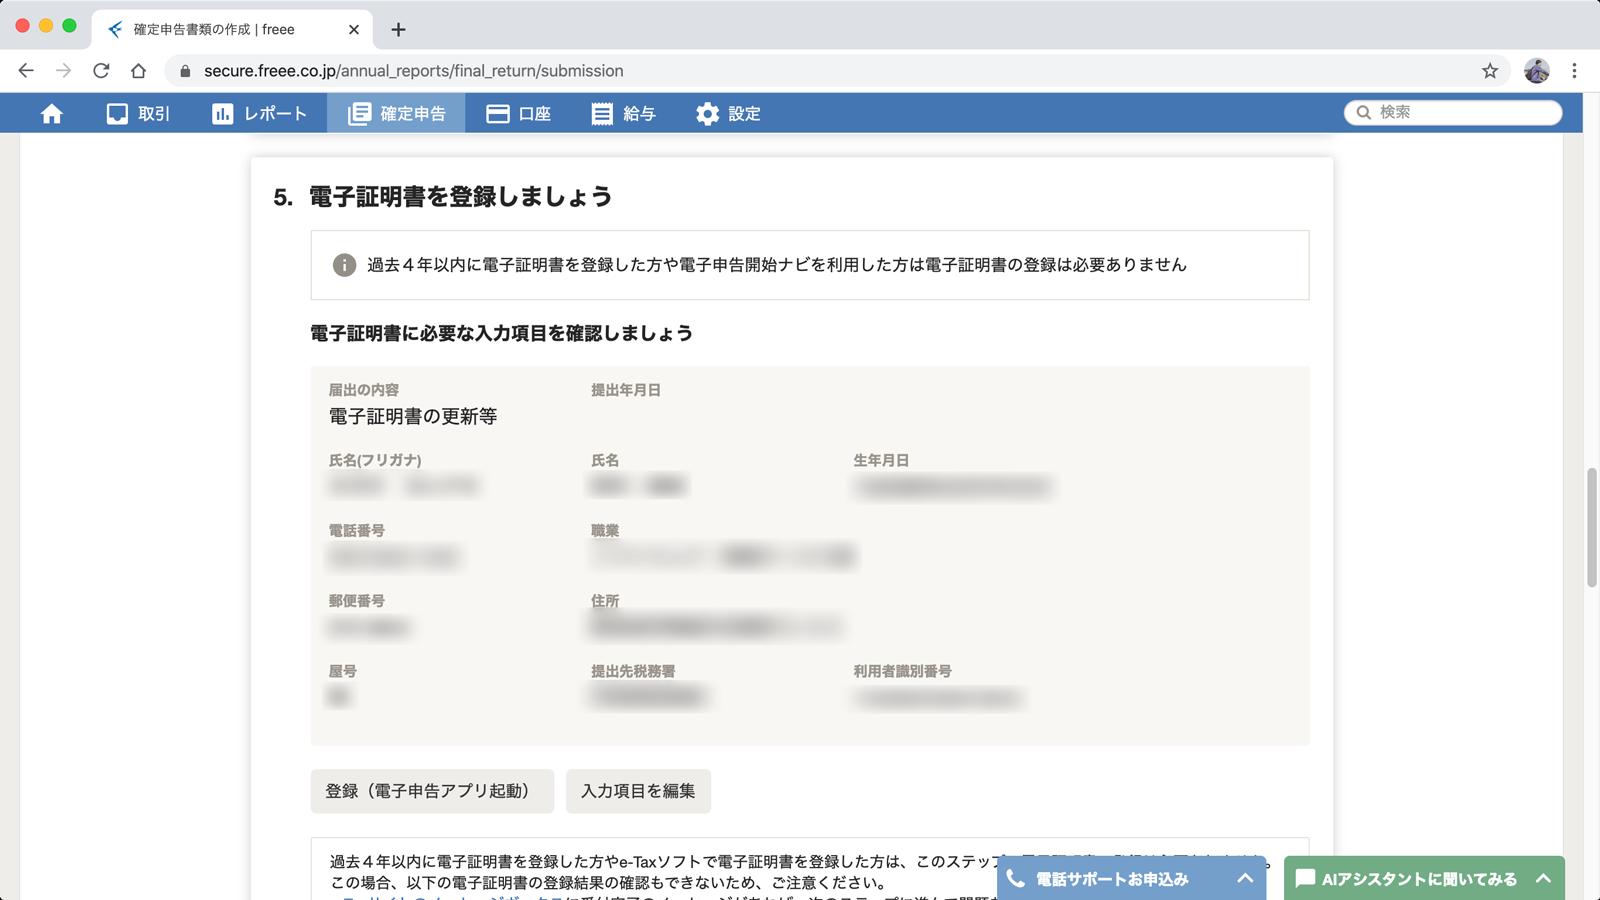 電子証明書の登録